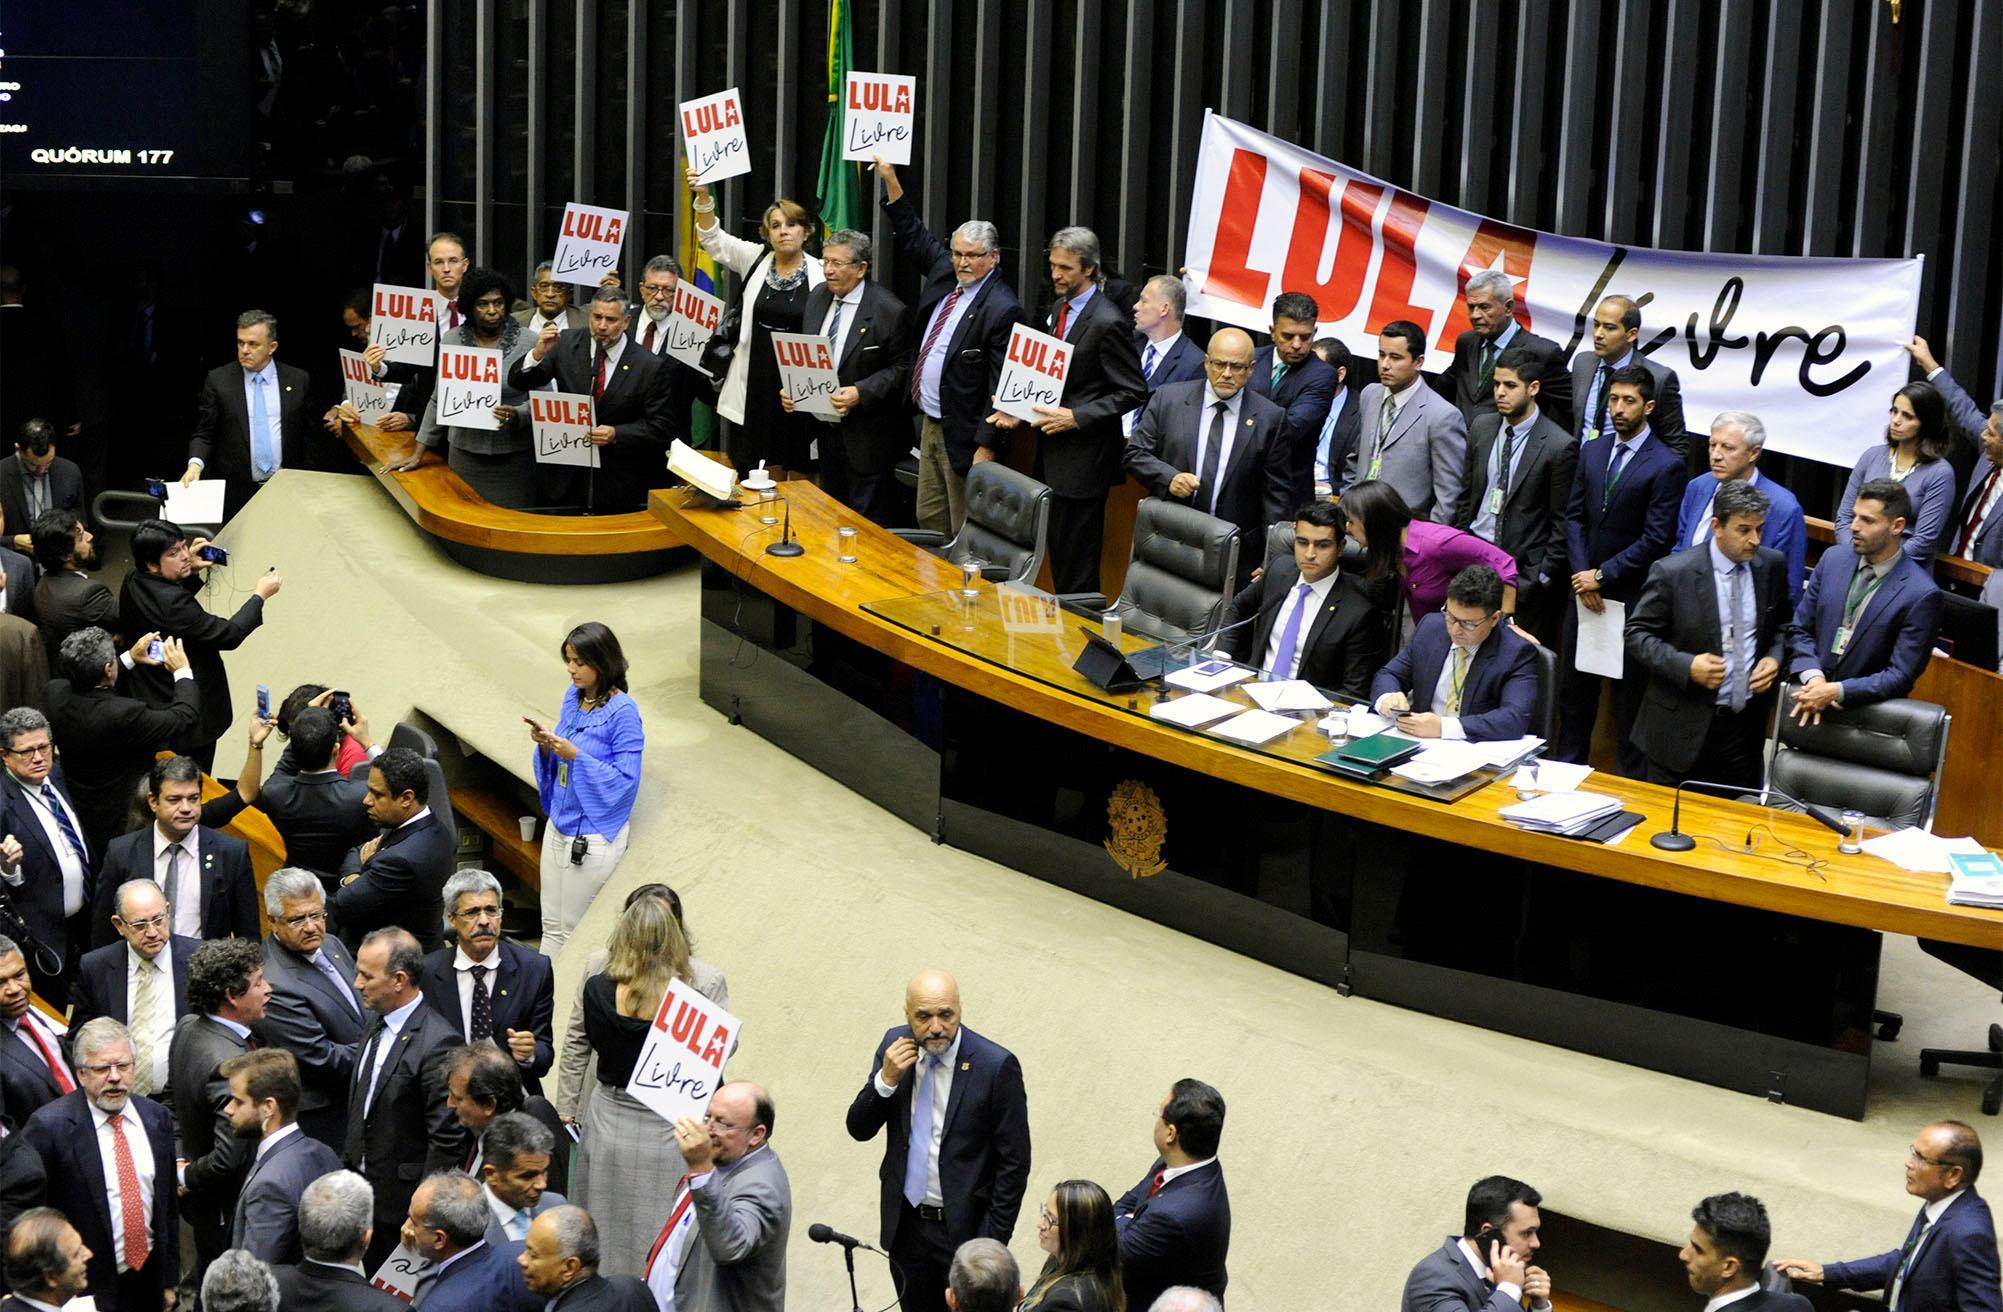 Deputados Pró-Lula protestam no plenário